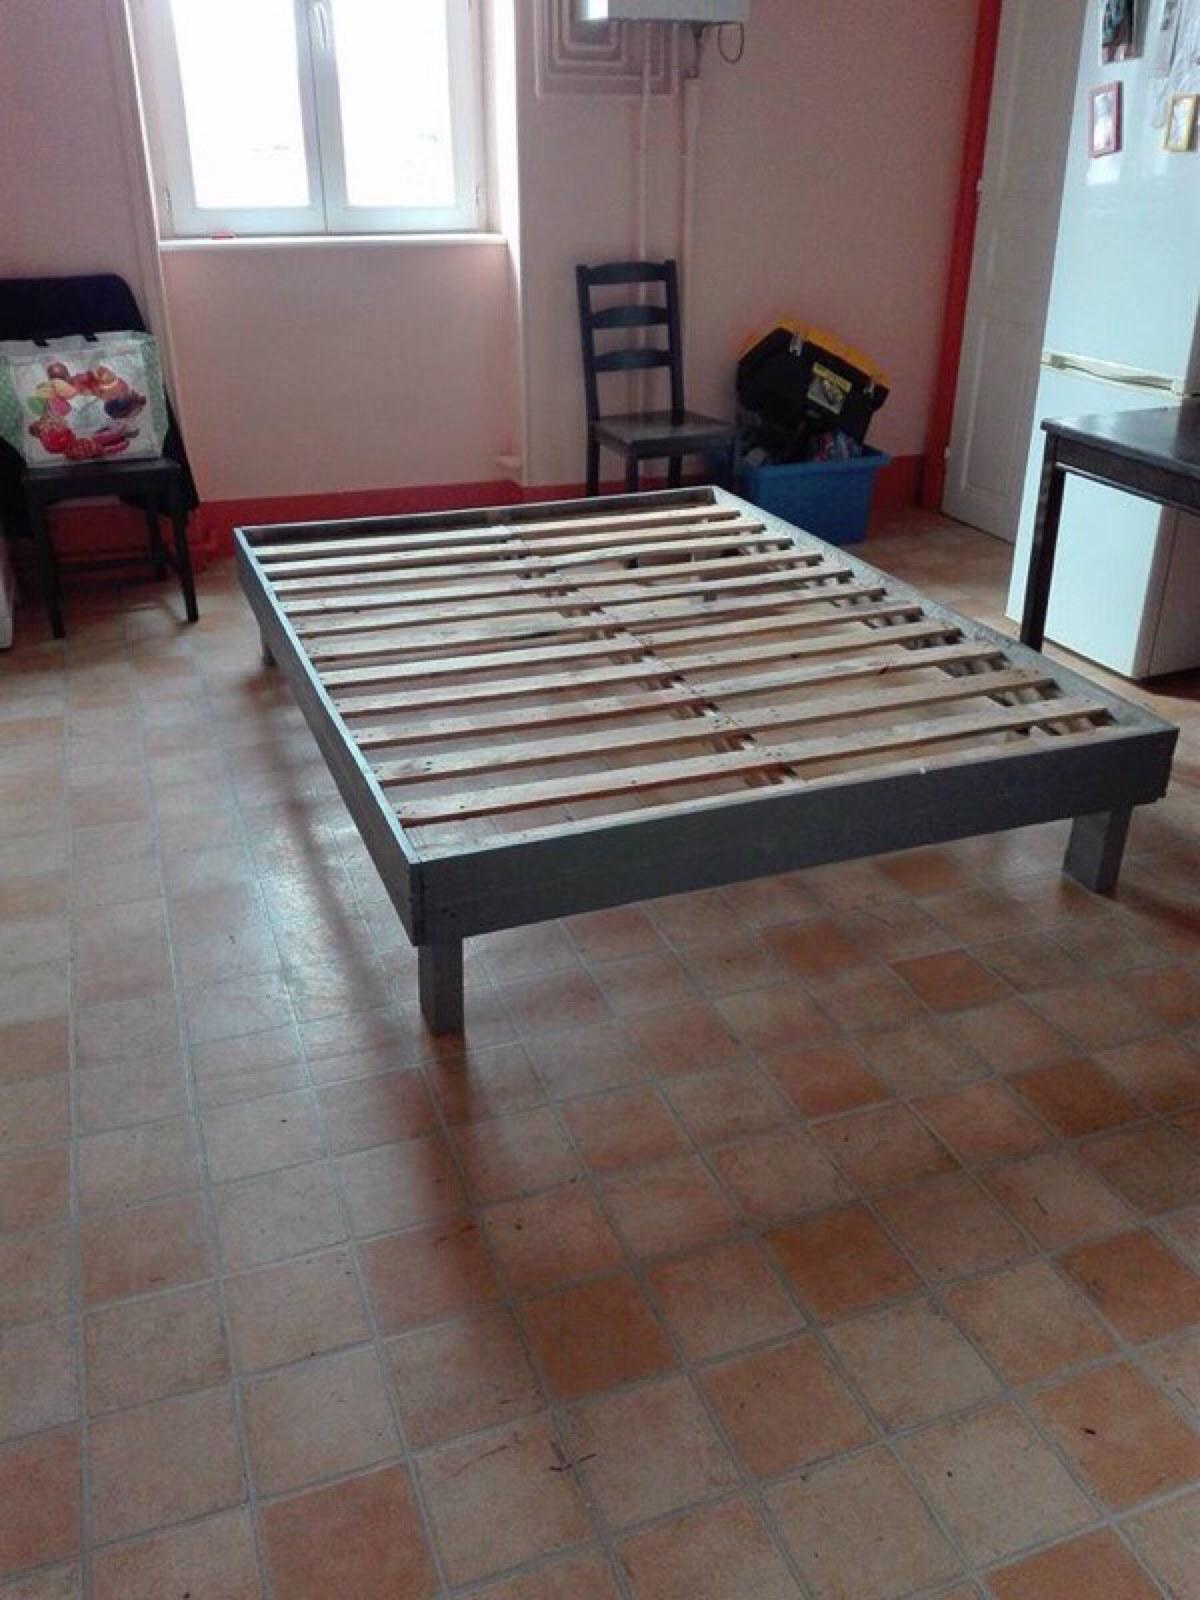 cadre de lit fait avec des palettes 3meuble en palette meuble en palette. Black Bedroom Furniture Sets. Home Design Ideas